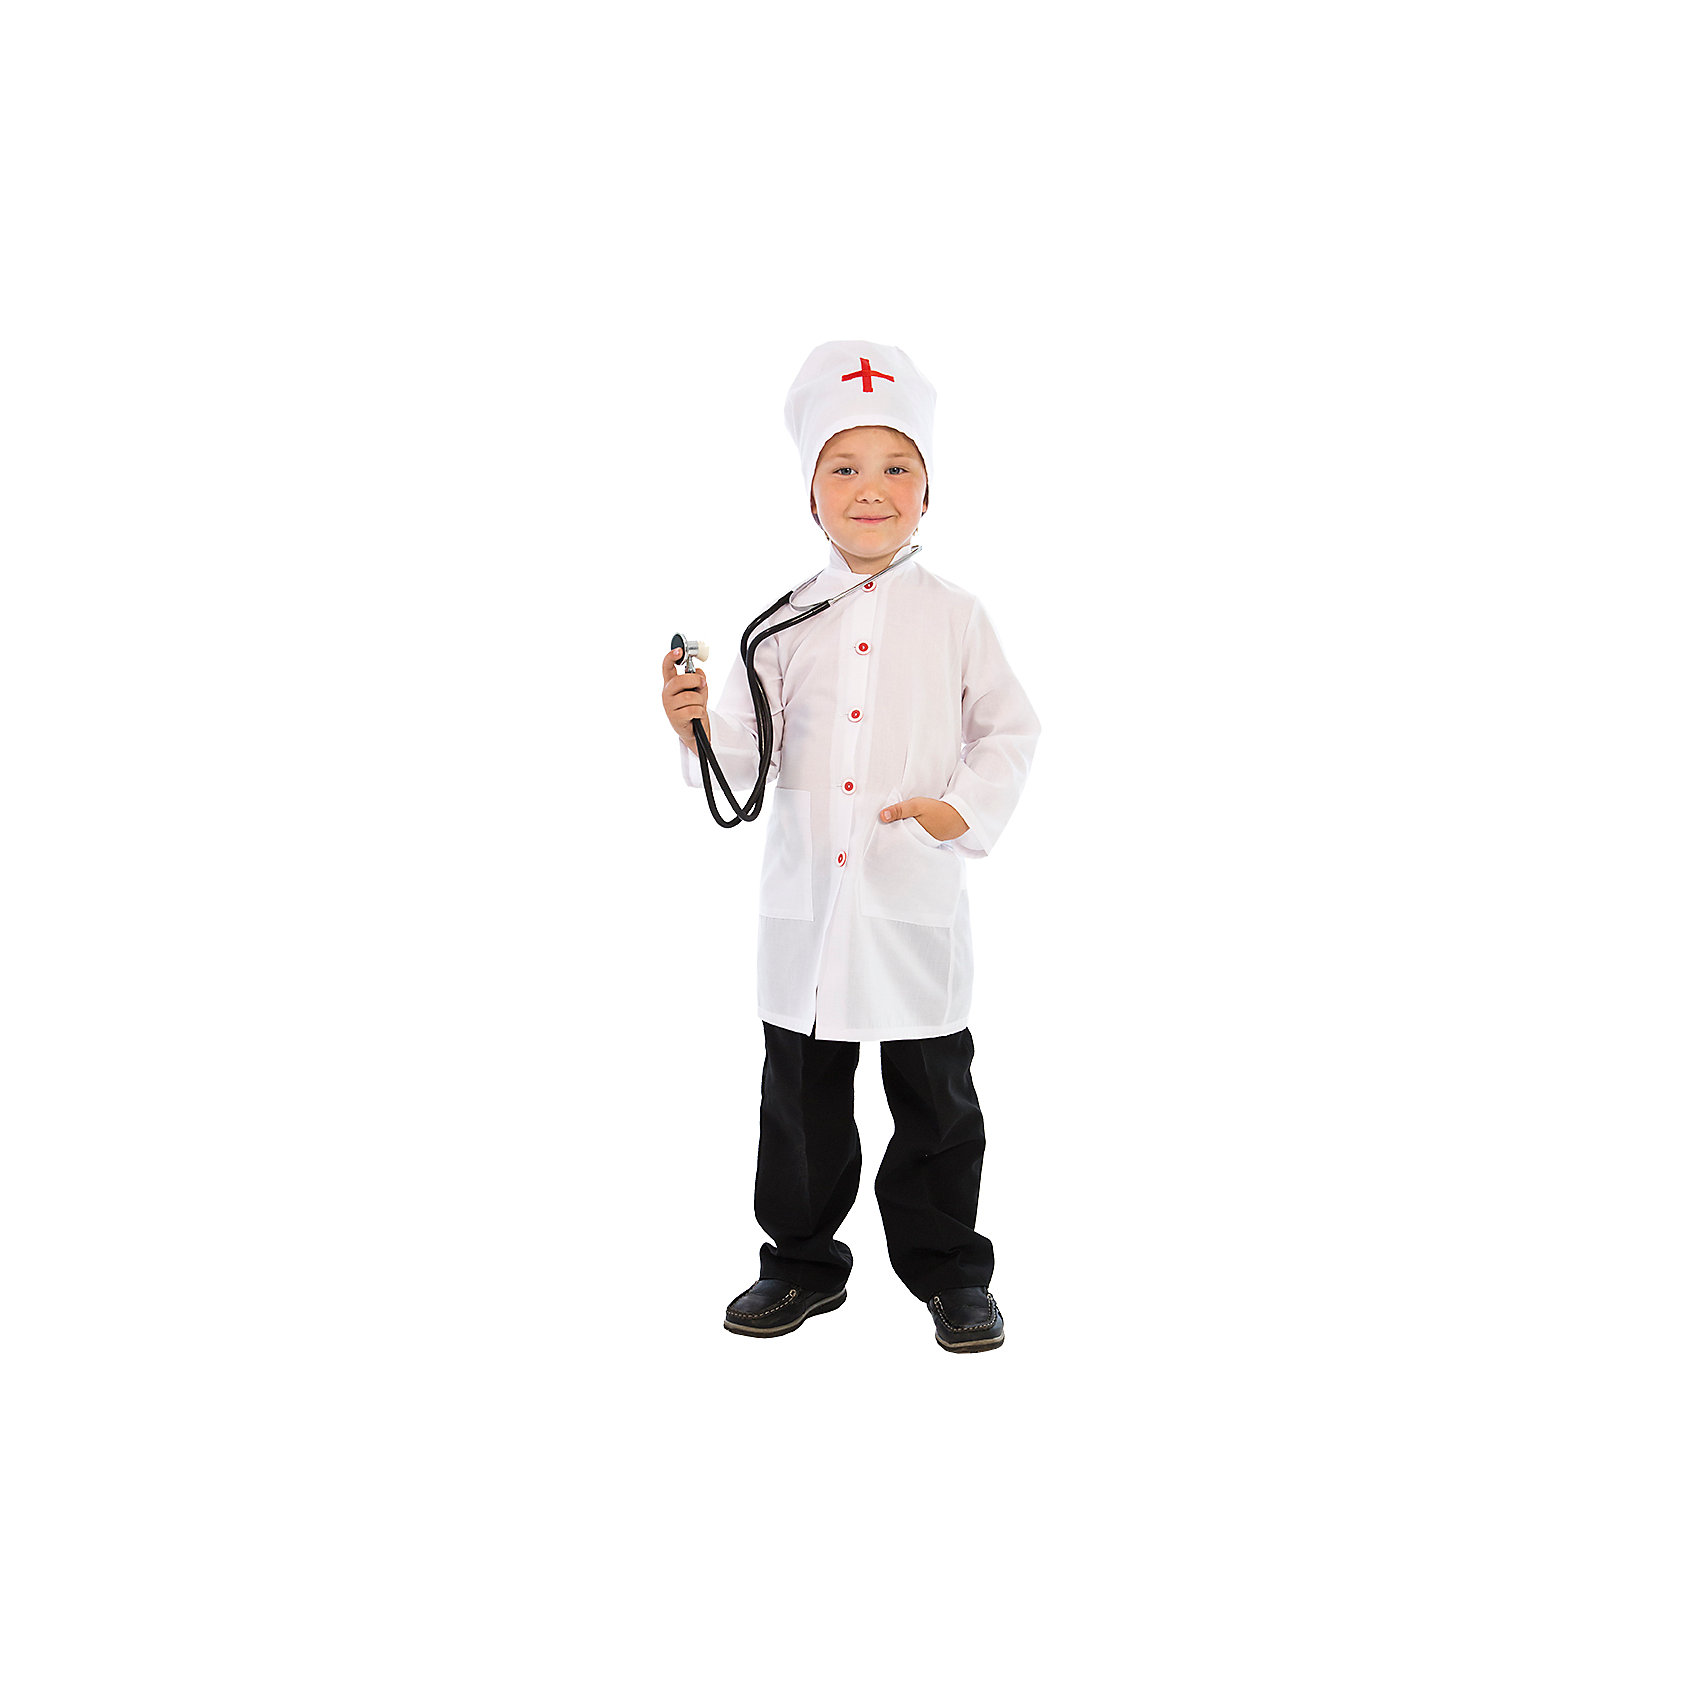 Карнавальный костюм Доктор Айболит, ВестификаДобрый Доктор Айболит известен не только мальчикам и девочкам, но и, как описано в одноименной сказке, даже всем зверятам в разных странах. Кто не хочет быть похожим на Доктора Айболита? Именно поэтому мы и придумали такой замечательный карнавальный костюм «Доктор». Он очень пригодится для ролевых игр дома и в детском саду, и конечно для различных театральных постановок. Основу костюма составляет белый халат с воротником стоечкой, отделанный декоративными красными пуговицами накладными карманами. На спине халат можно затянуть поясом на талии. Неотъемлемой частью гардероба настоящего доктора является также колпак, украшенный красным крестом. По ширине колпак регулируется завязочками. Костюм универсальный и подходит одинаково как для мальчиков, так и для девочек. Рекомендуем дополнить костюм брюками или юбкой и туфлями.<br><br>Дополнительная информация:<br><br>В комплект входит:<br>Халат, шапочка. Материал тиси (80% полиэстер, 20% хлопок)<br>Рекомендуется для детей старше 3-х лет для кратковременного ношения. <br>Срок службы 5 лет при аккуратном ношении. <br>Способ ухода за изделием: ручная стирка при температуре 30 С° с применением нейтральных моющих средств. <br>Не отжимать. <br>Не сушить в машине. <br>Гладить при низкой температуре.<br><br>Карнавальный костюм Доктор Айболит, Вестифика можно купить в нашем магазине.<br><br>Ширина мм: 236<br>Глубина мм: 16<br>Высота мм: 184<br>Вес г: 360<br>Цвет: разноцветный<br>Возраст от месяцев: 60<br>Возраст до месяцев: 84<br>Пол: Унисекс<br>Возраст: Детский<br>Размер: 116/122,104/110<br>SKU: 4528621